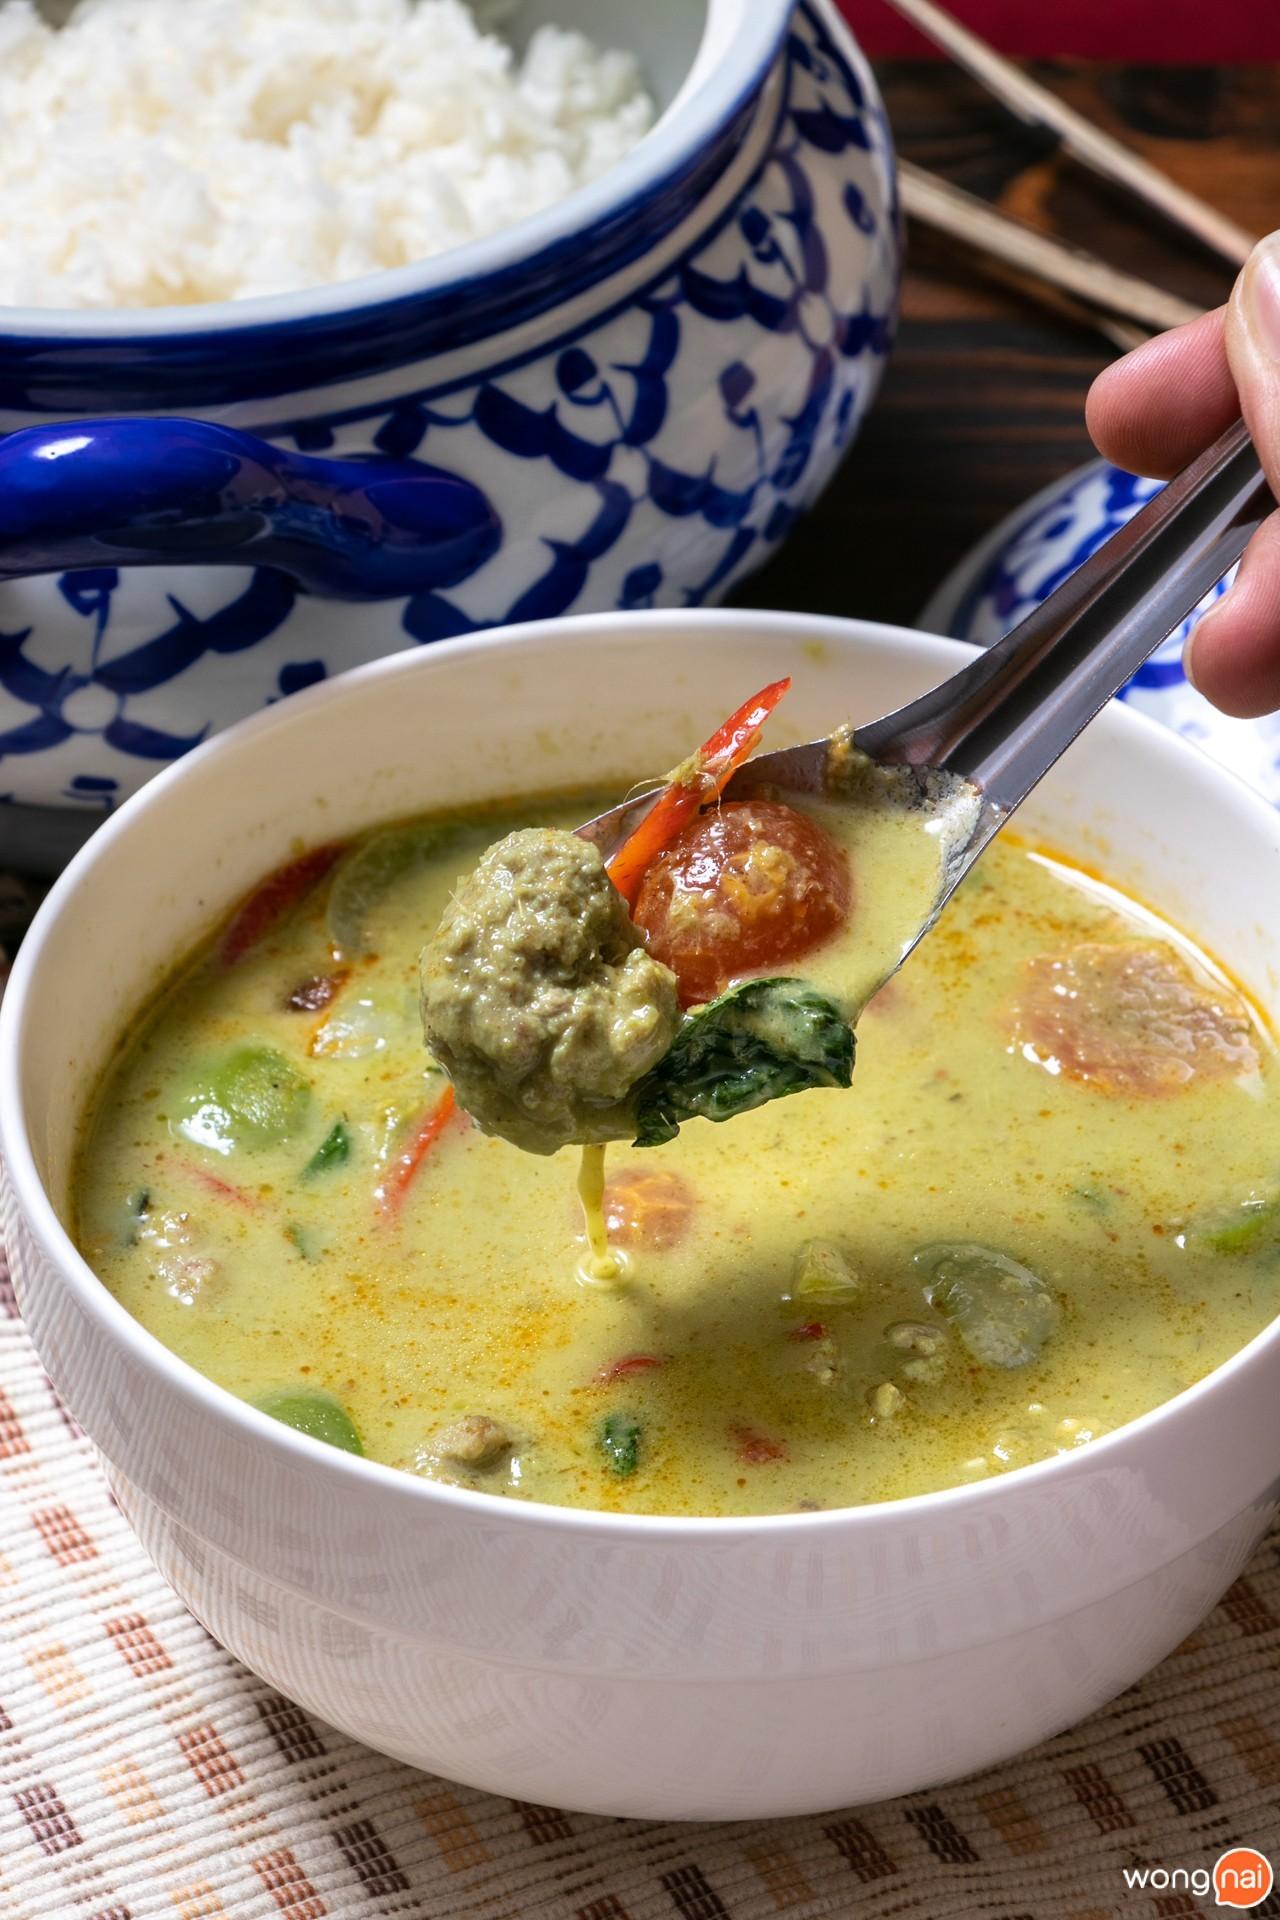 เมนู แกงเขียวหวานไข่เค็ม ร้าน ข้าวเม่า เชียงใหม่ Kowmao Cafe & Restaurant เชียงใหม่